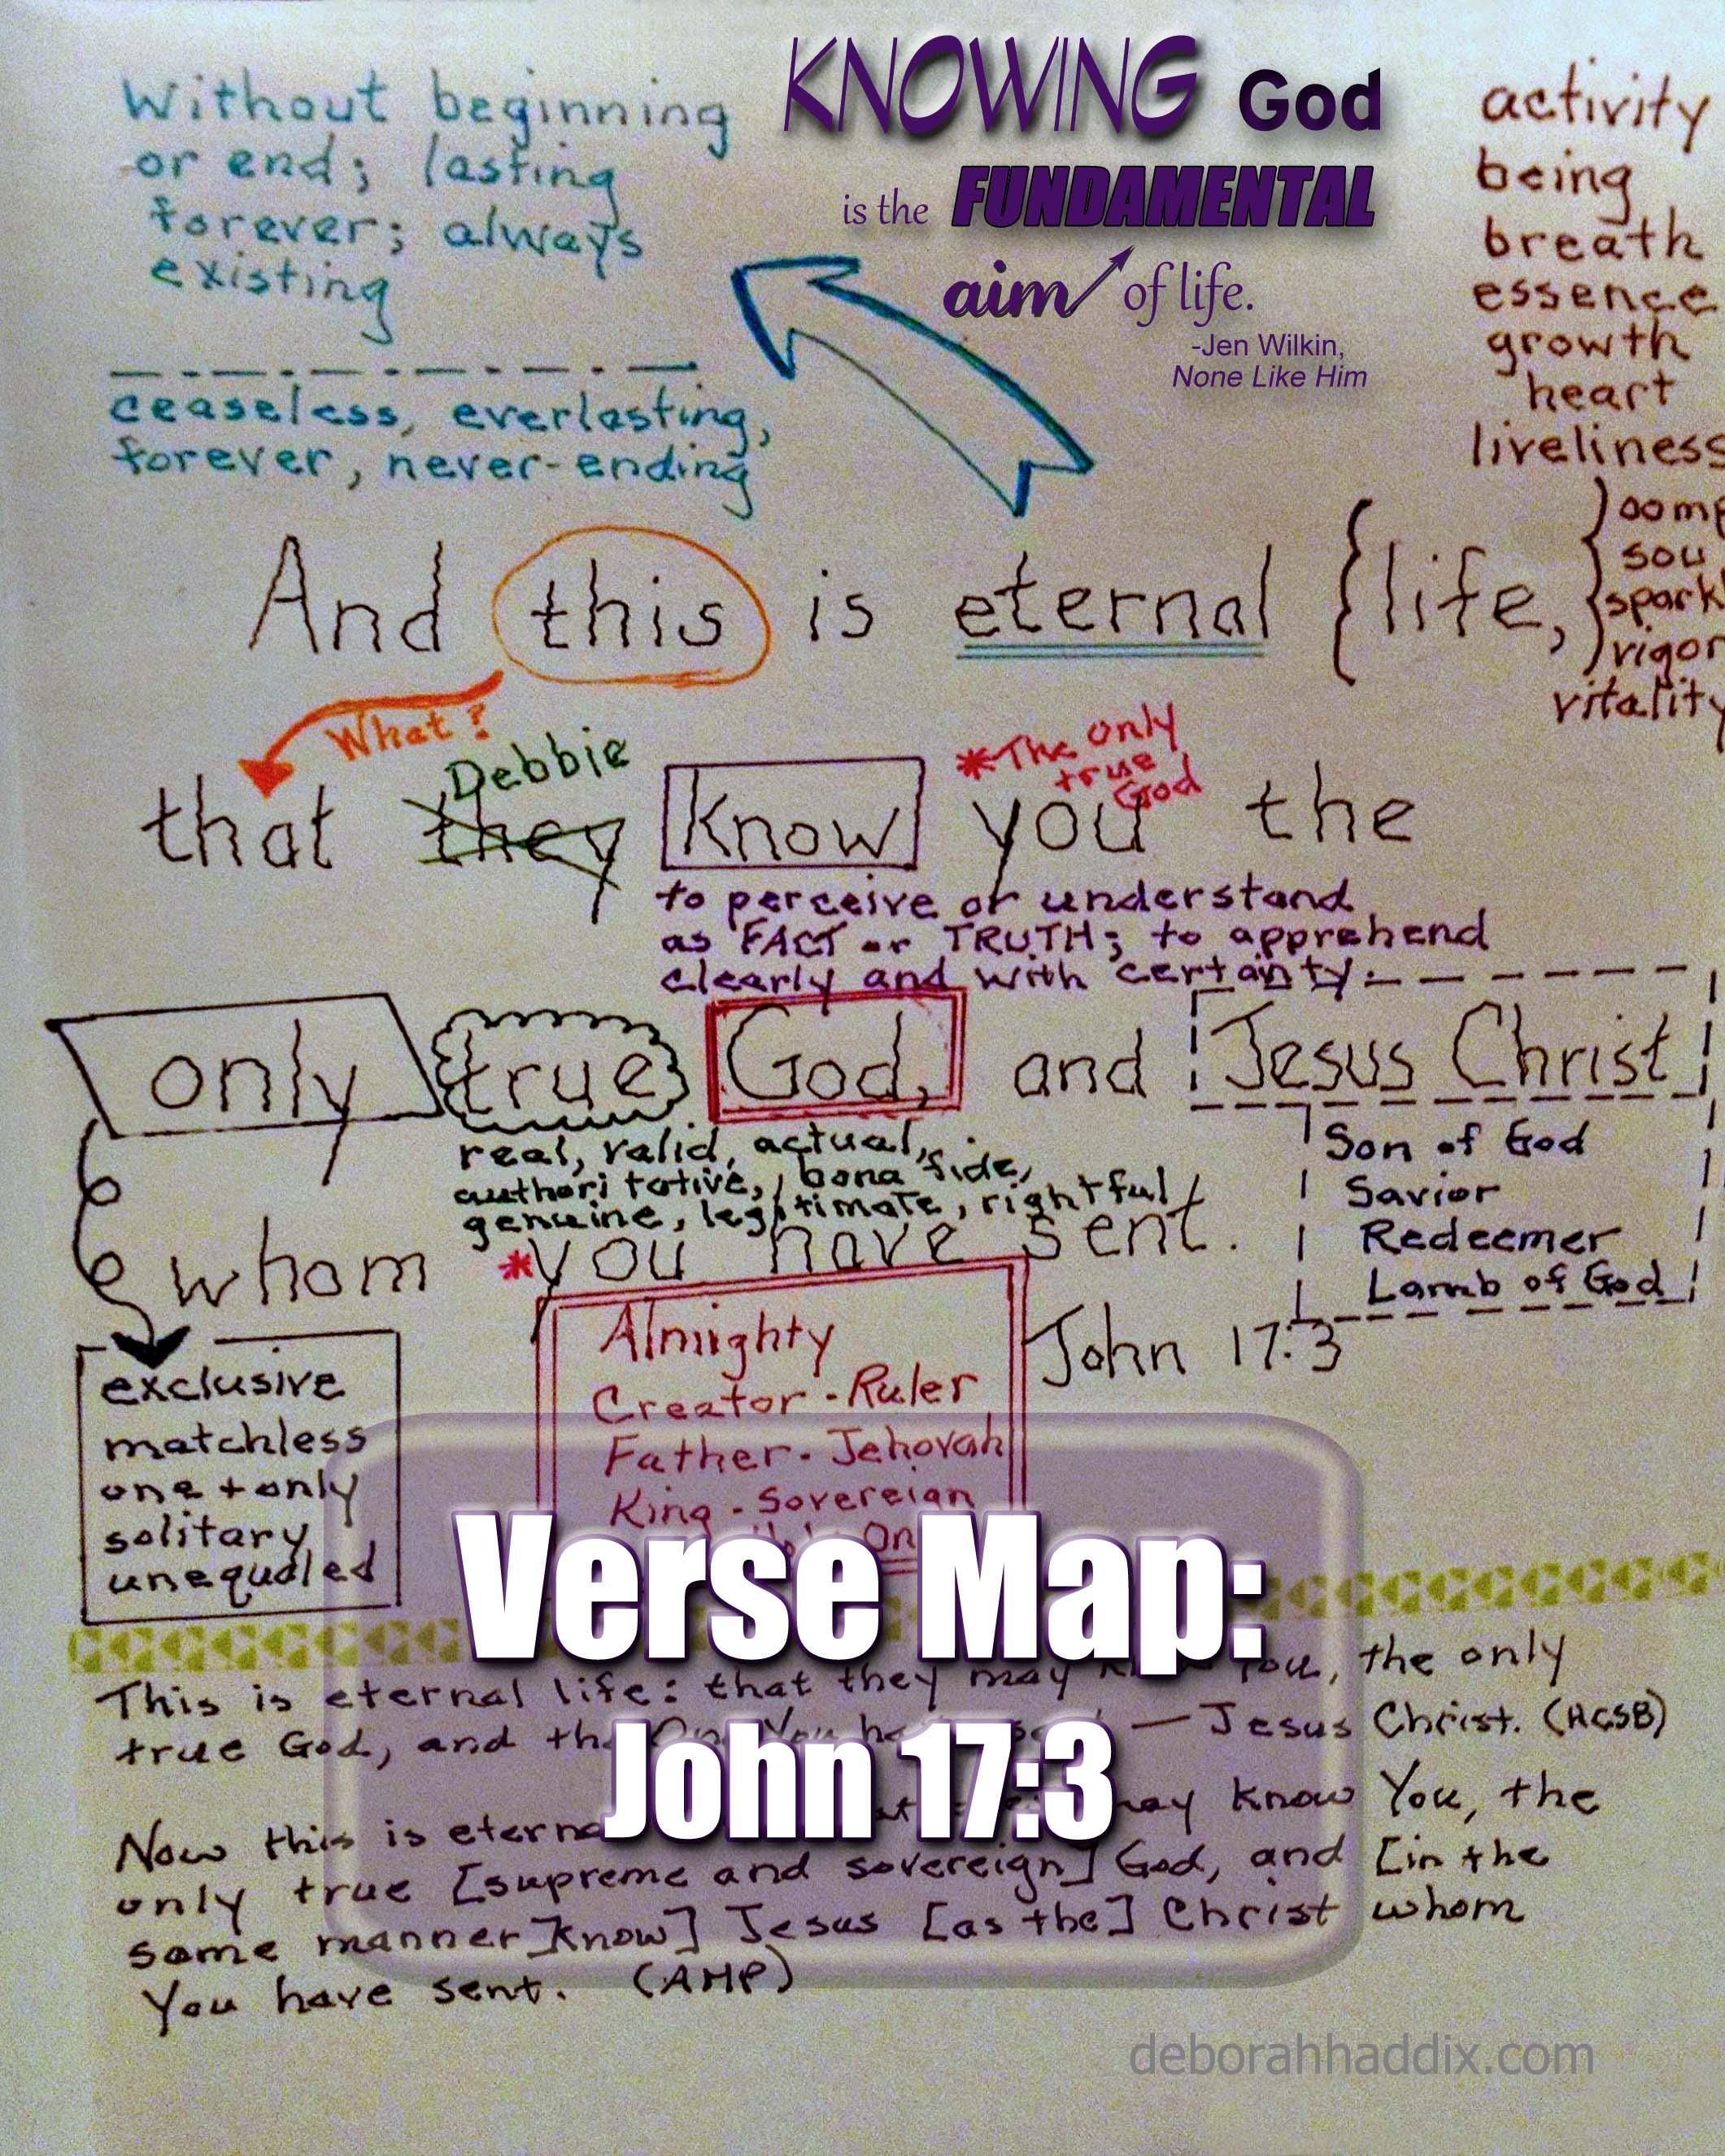 John 17:3 – A Verse Map